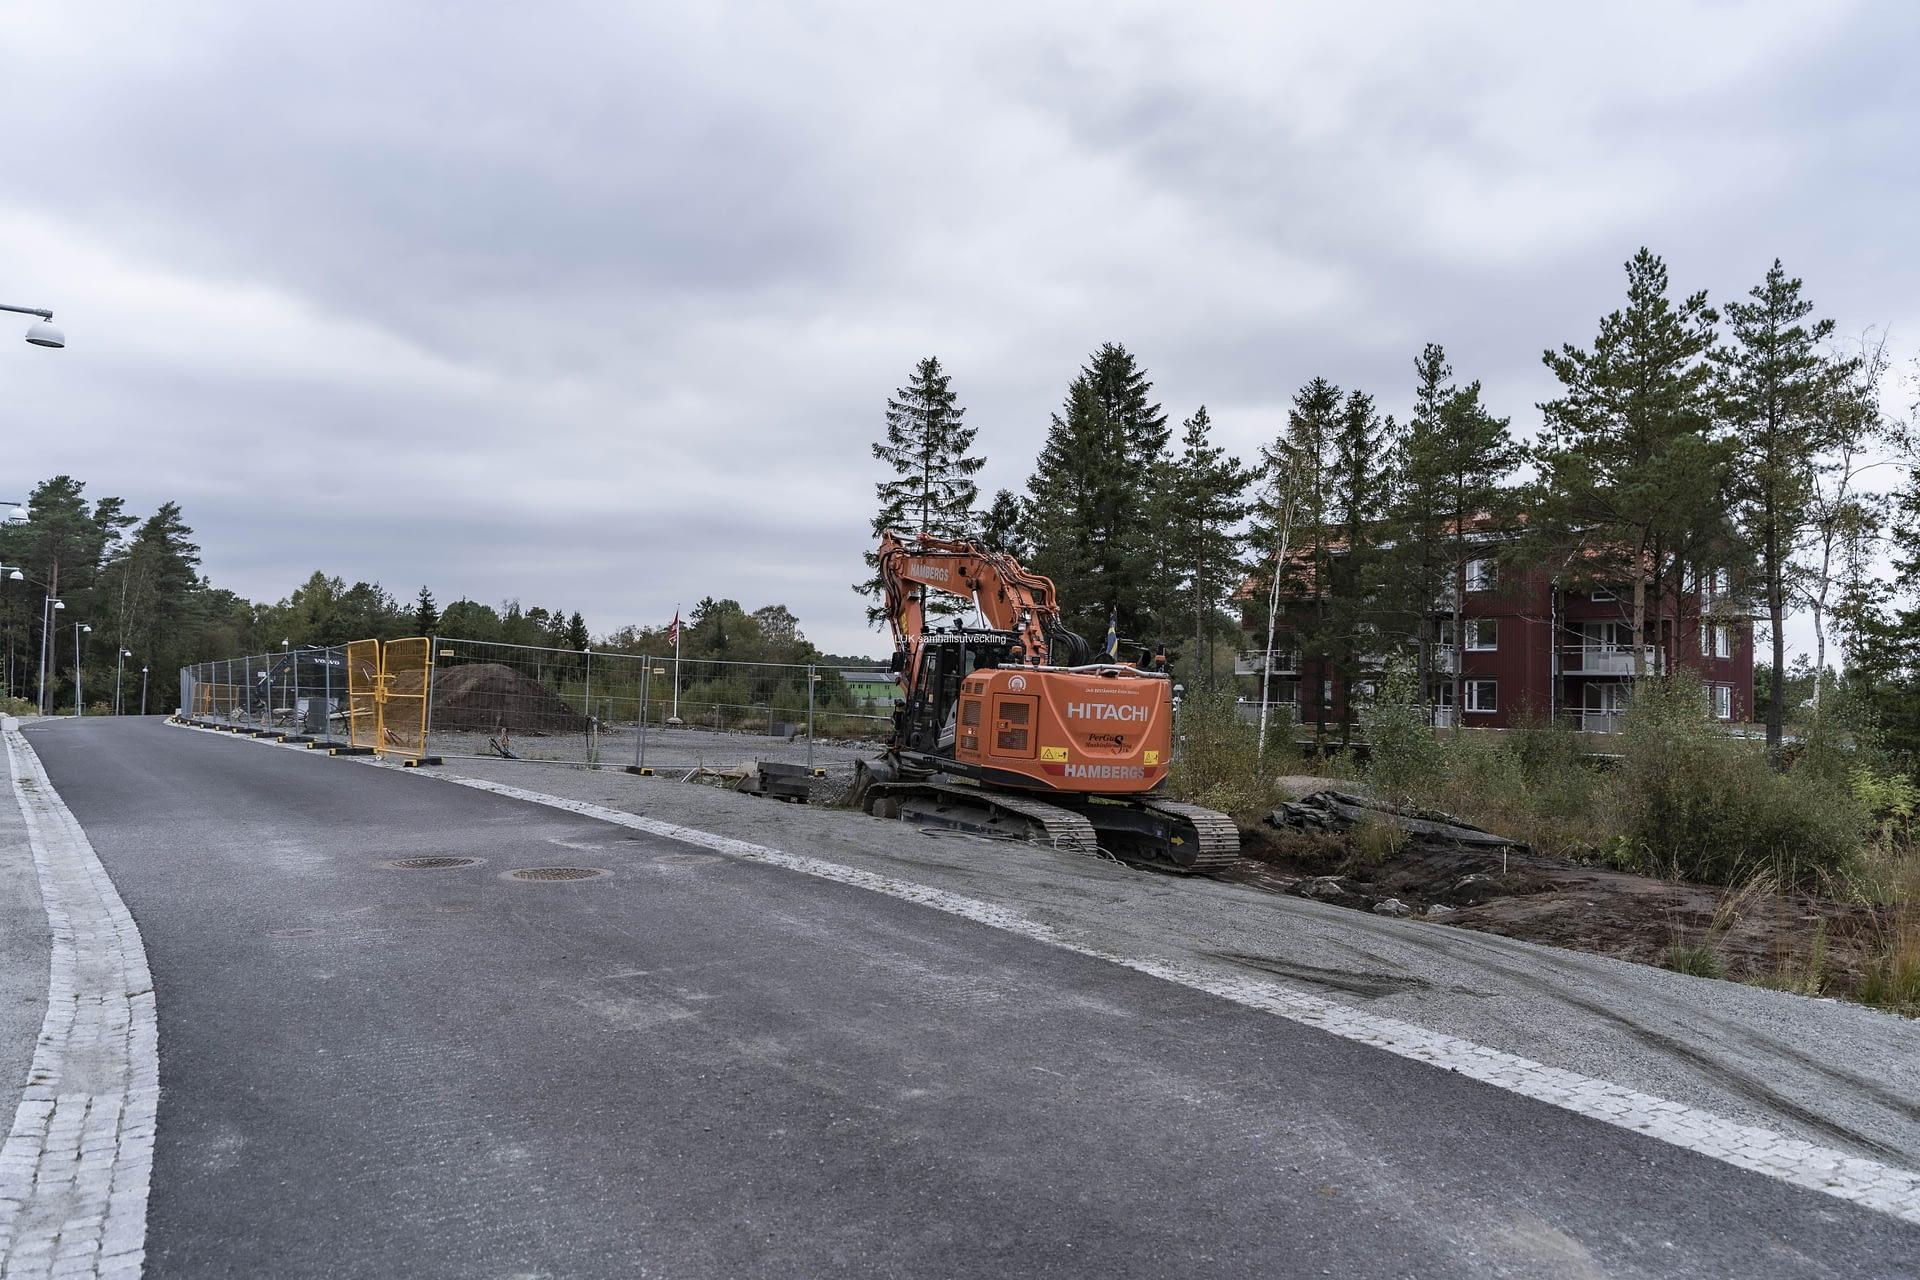 Ett nytt bostadsområde, Hossaberget växer upp, med totalt 240 bostäder. Tre byggföretag arbetar tillsammans, Partillebo, Stugor och Veidekke.